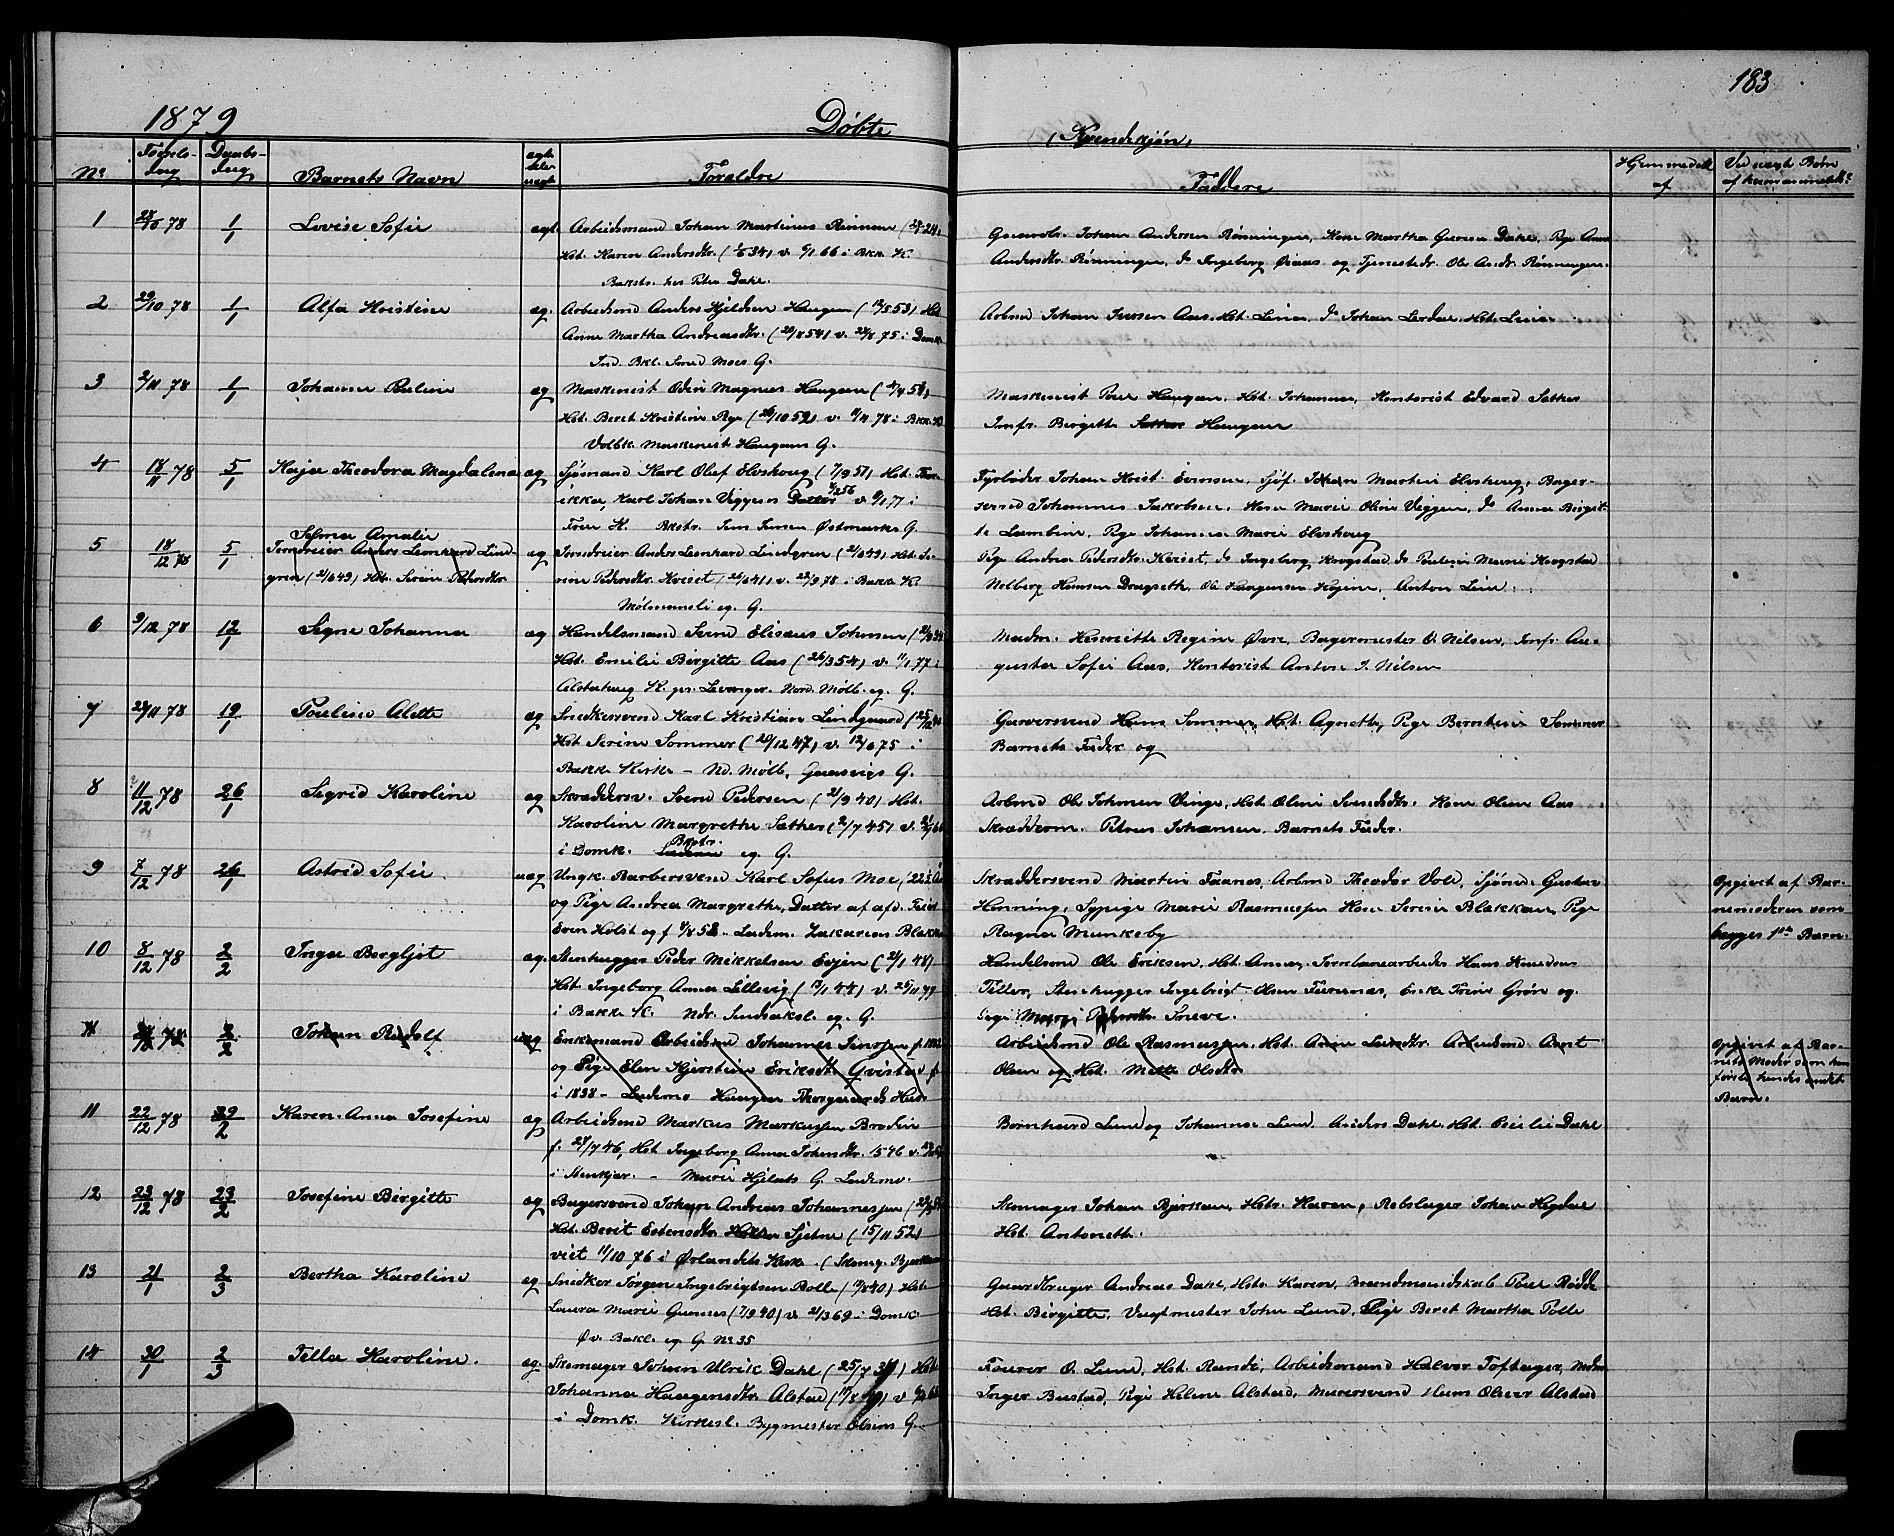 SAT, Ministerialprotokoller, klokkerbøker og fødselsregistre - Sør-Trøndelag, 604/L0220: Klokkerbok nr. 604C03, 1870-1885, s. 183